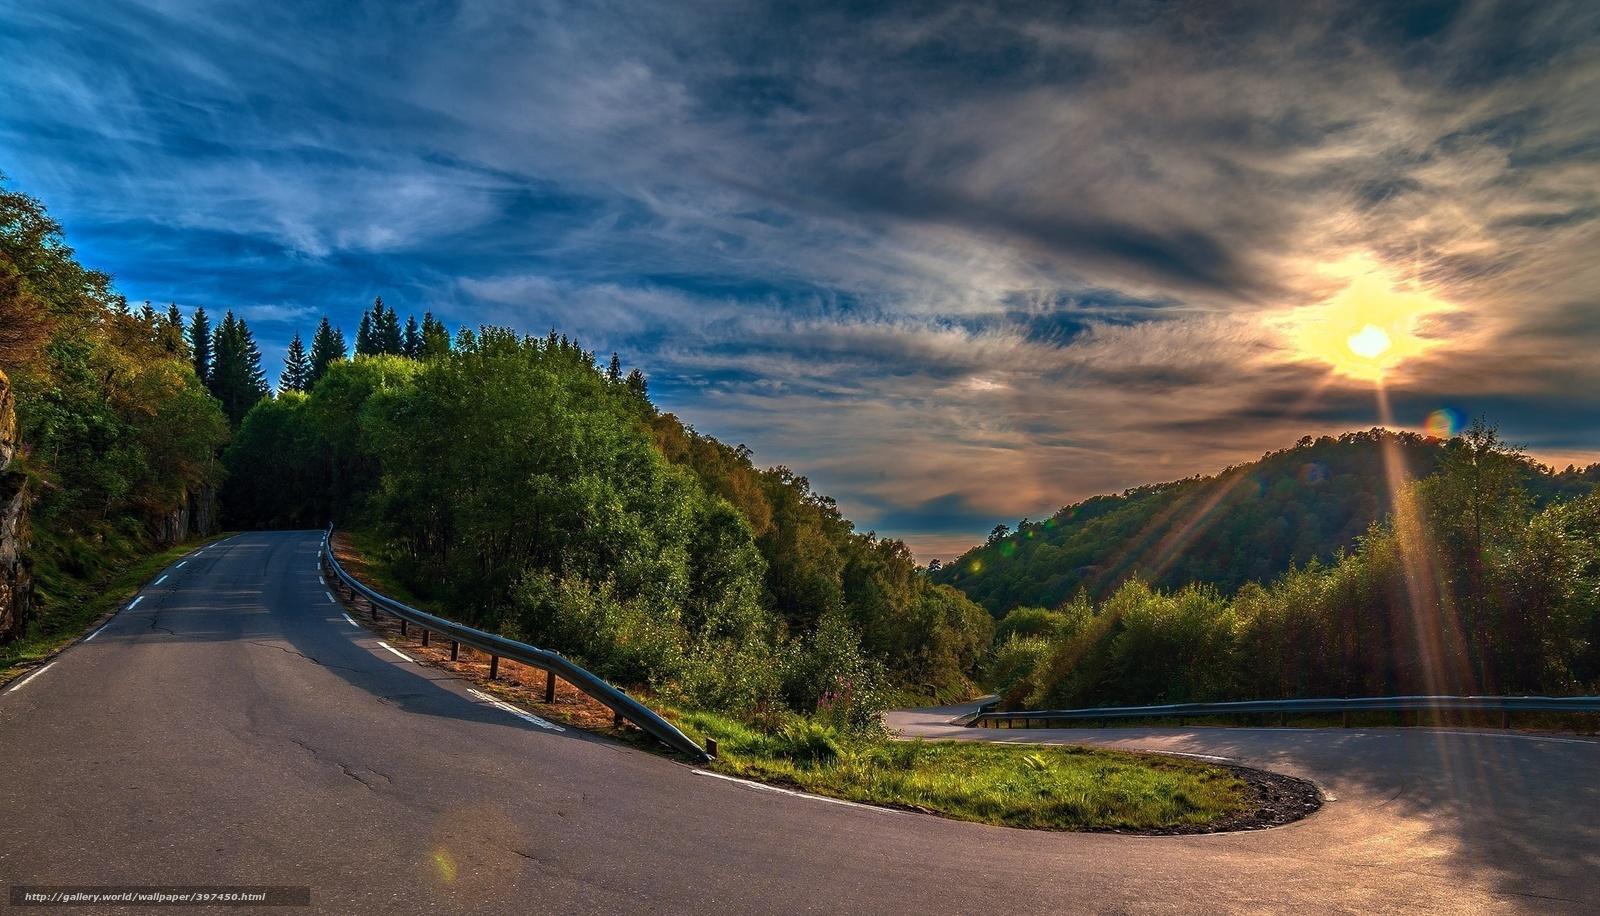 rotao, floresta, estrada, paisagem, asfalto, nuvens, um raio de sol